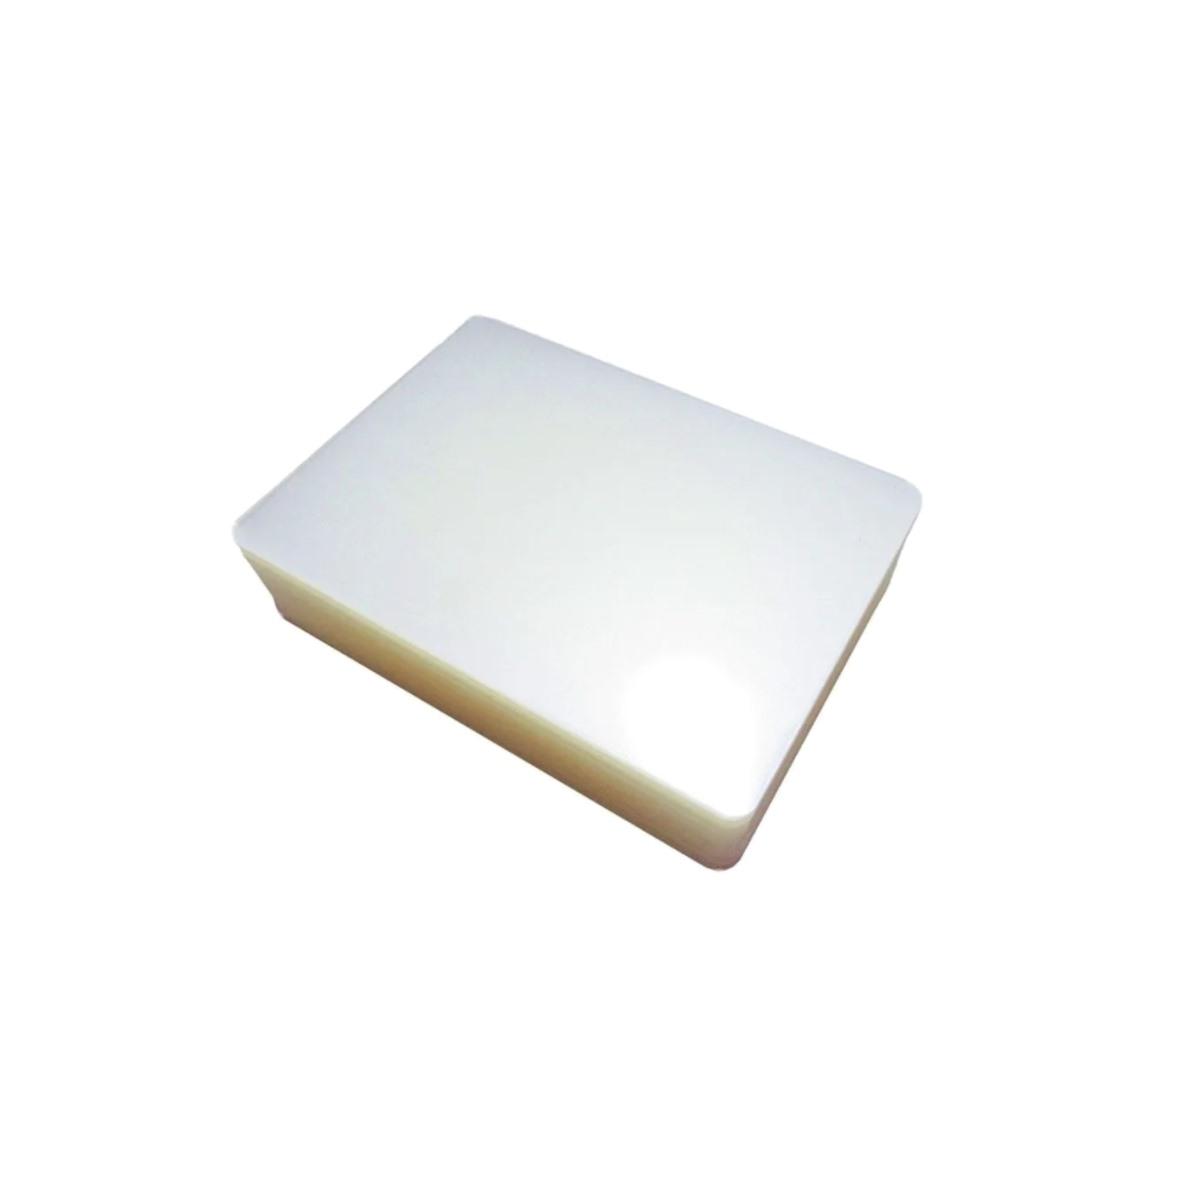 Polaseal plástico para plastificação CGC 110X170 0,10 mm 100un